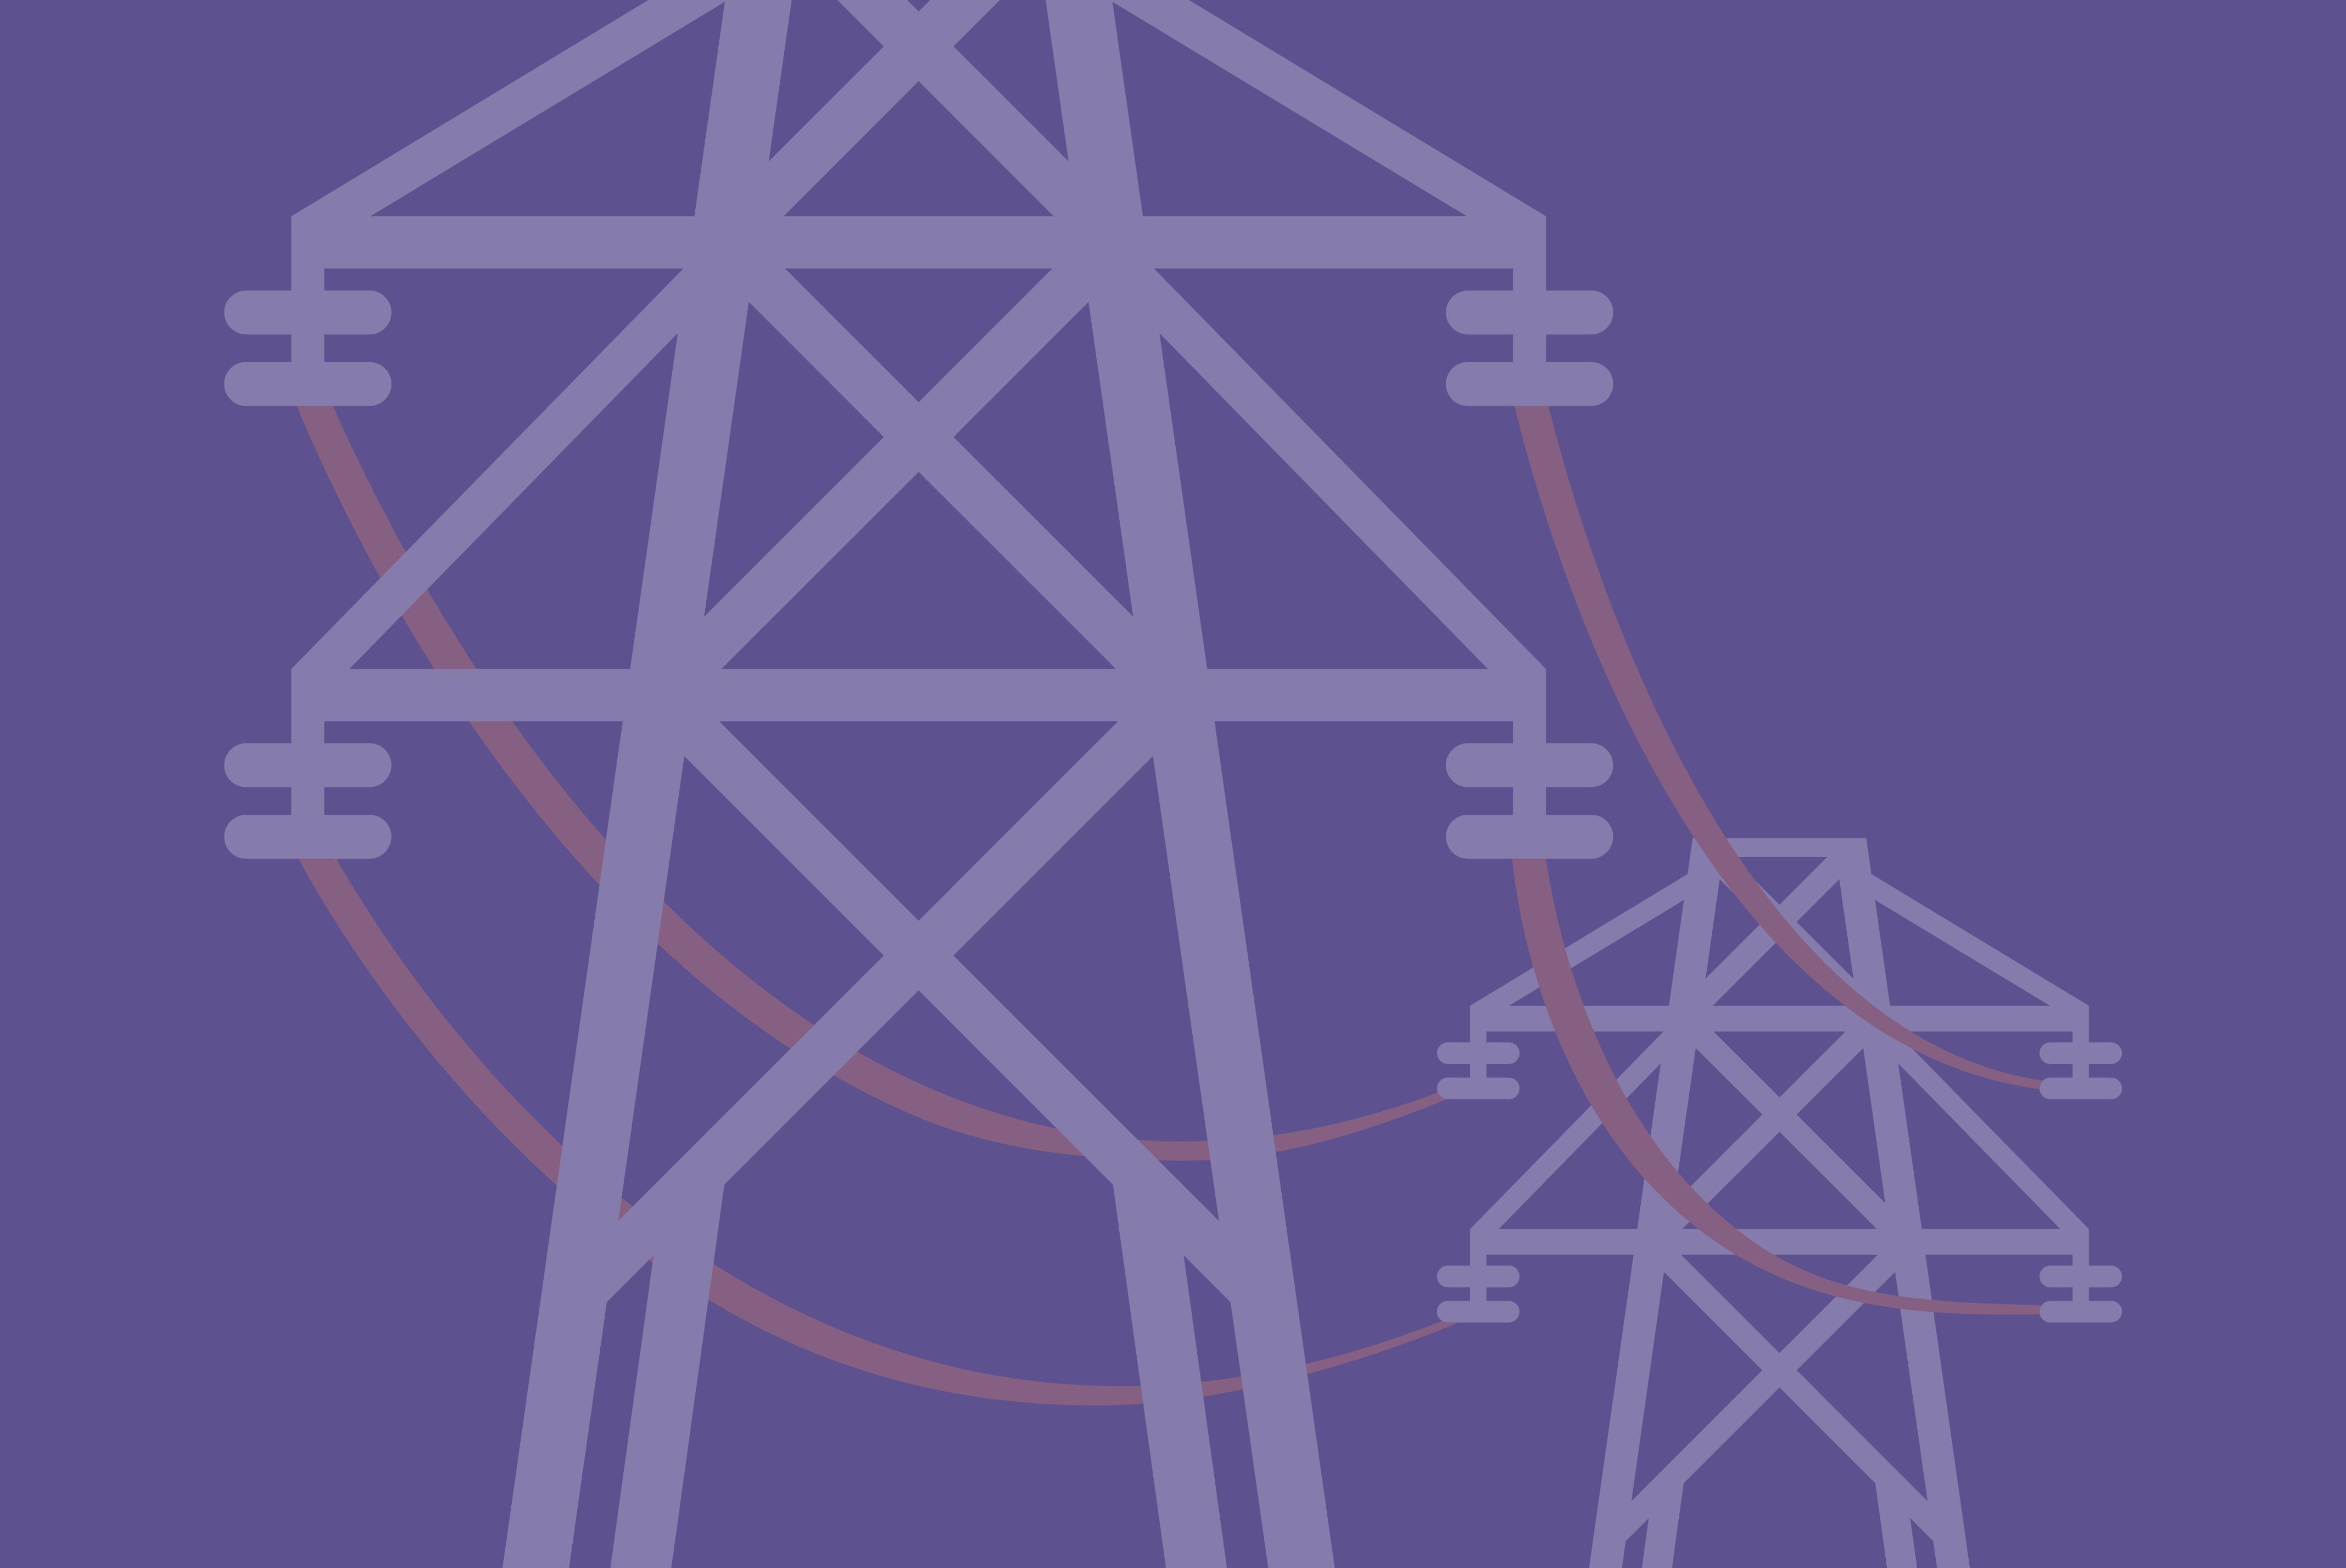 Rapport de la Commission de Régulation de l'Energie pour le second trimestre 2020